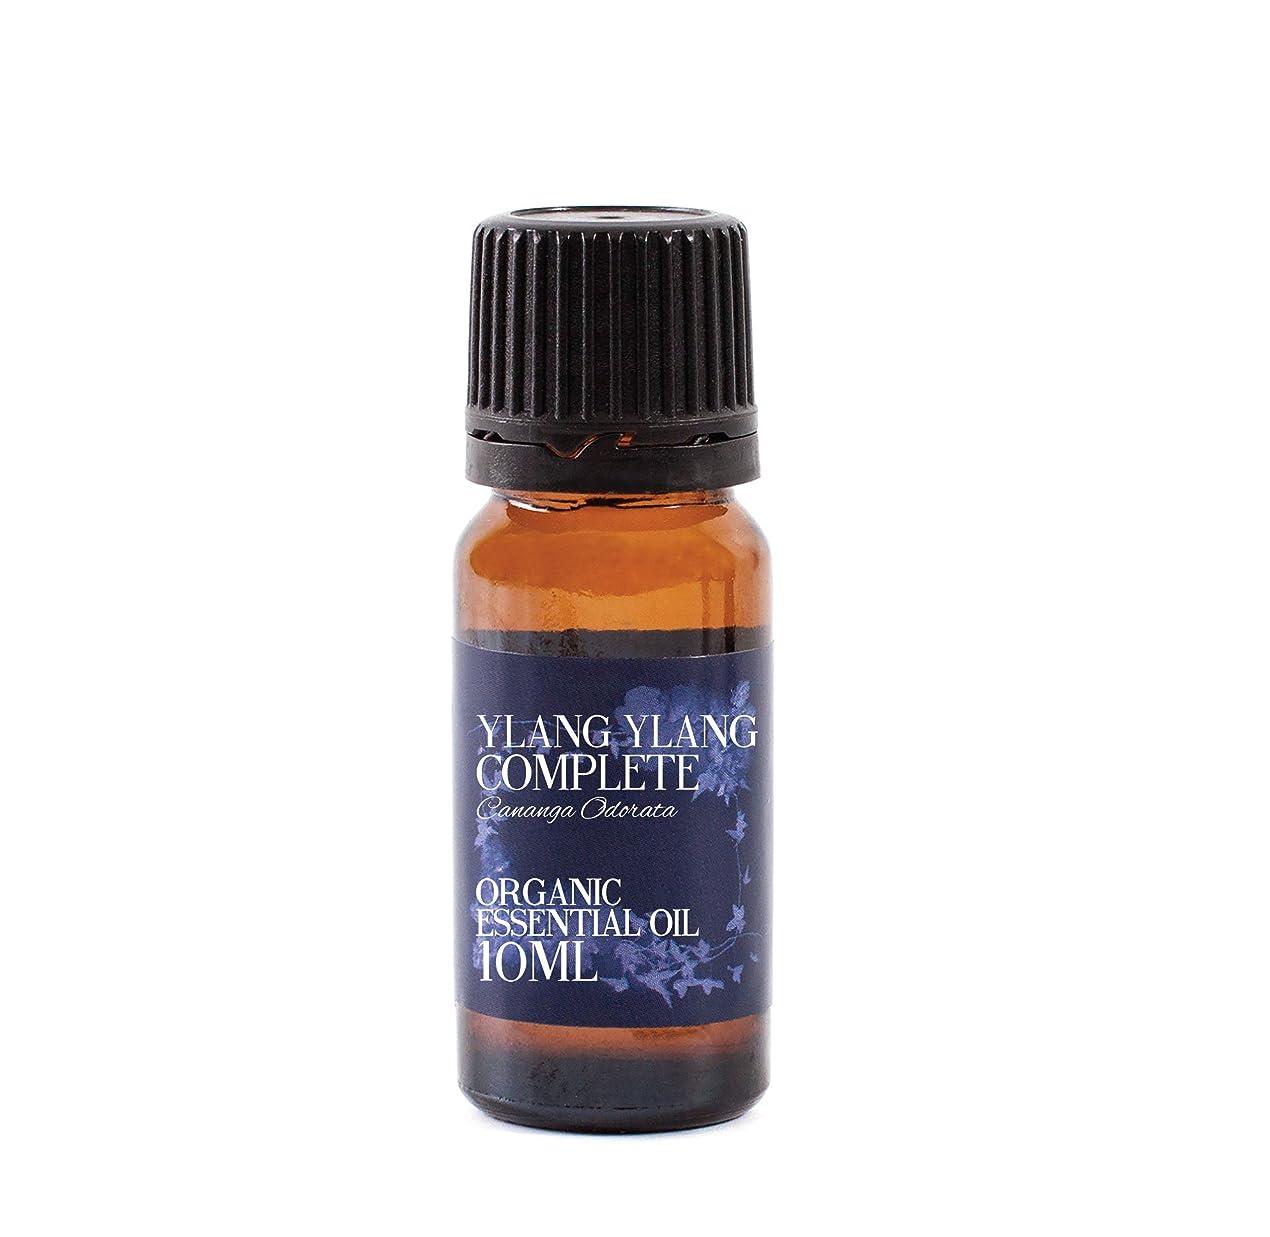 書く今日世界記録のギネスブックMystic Moments | Ylang Ylang Complete Organic Essential Oil - 10ml - 100% Pure